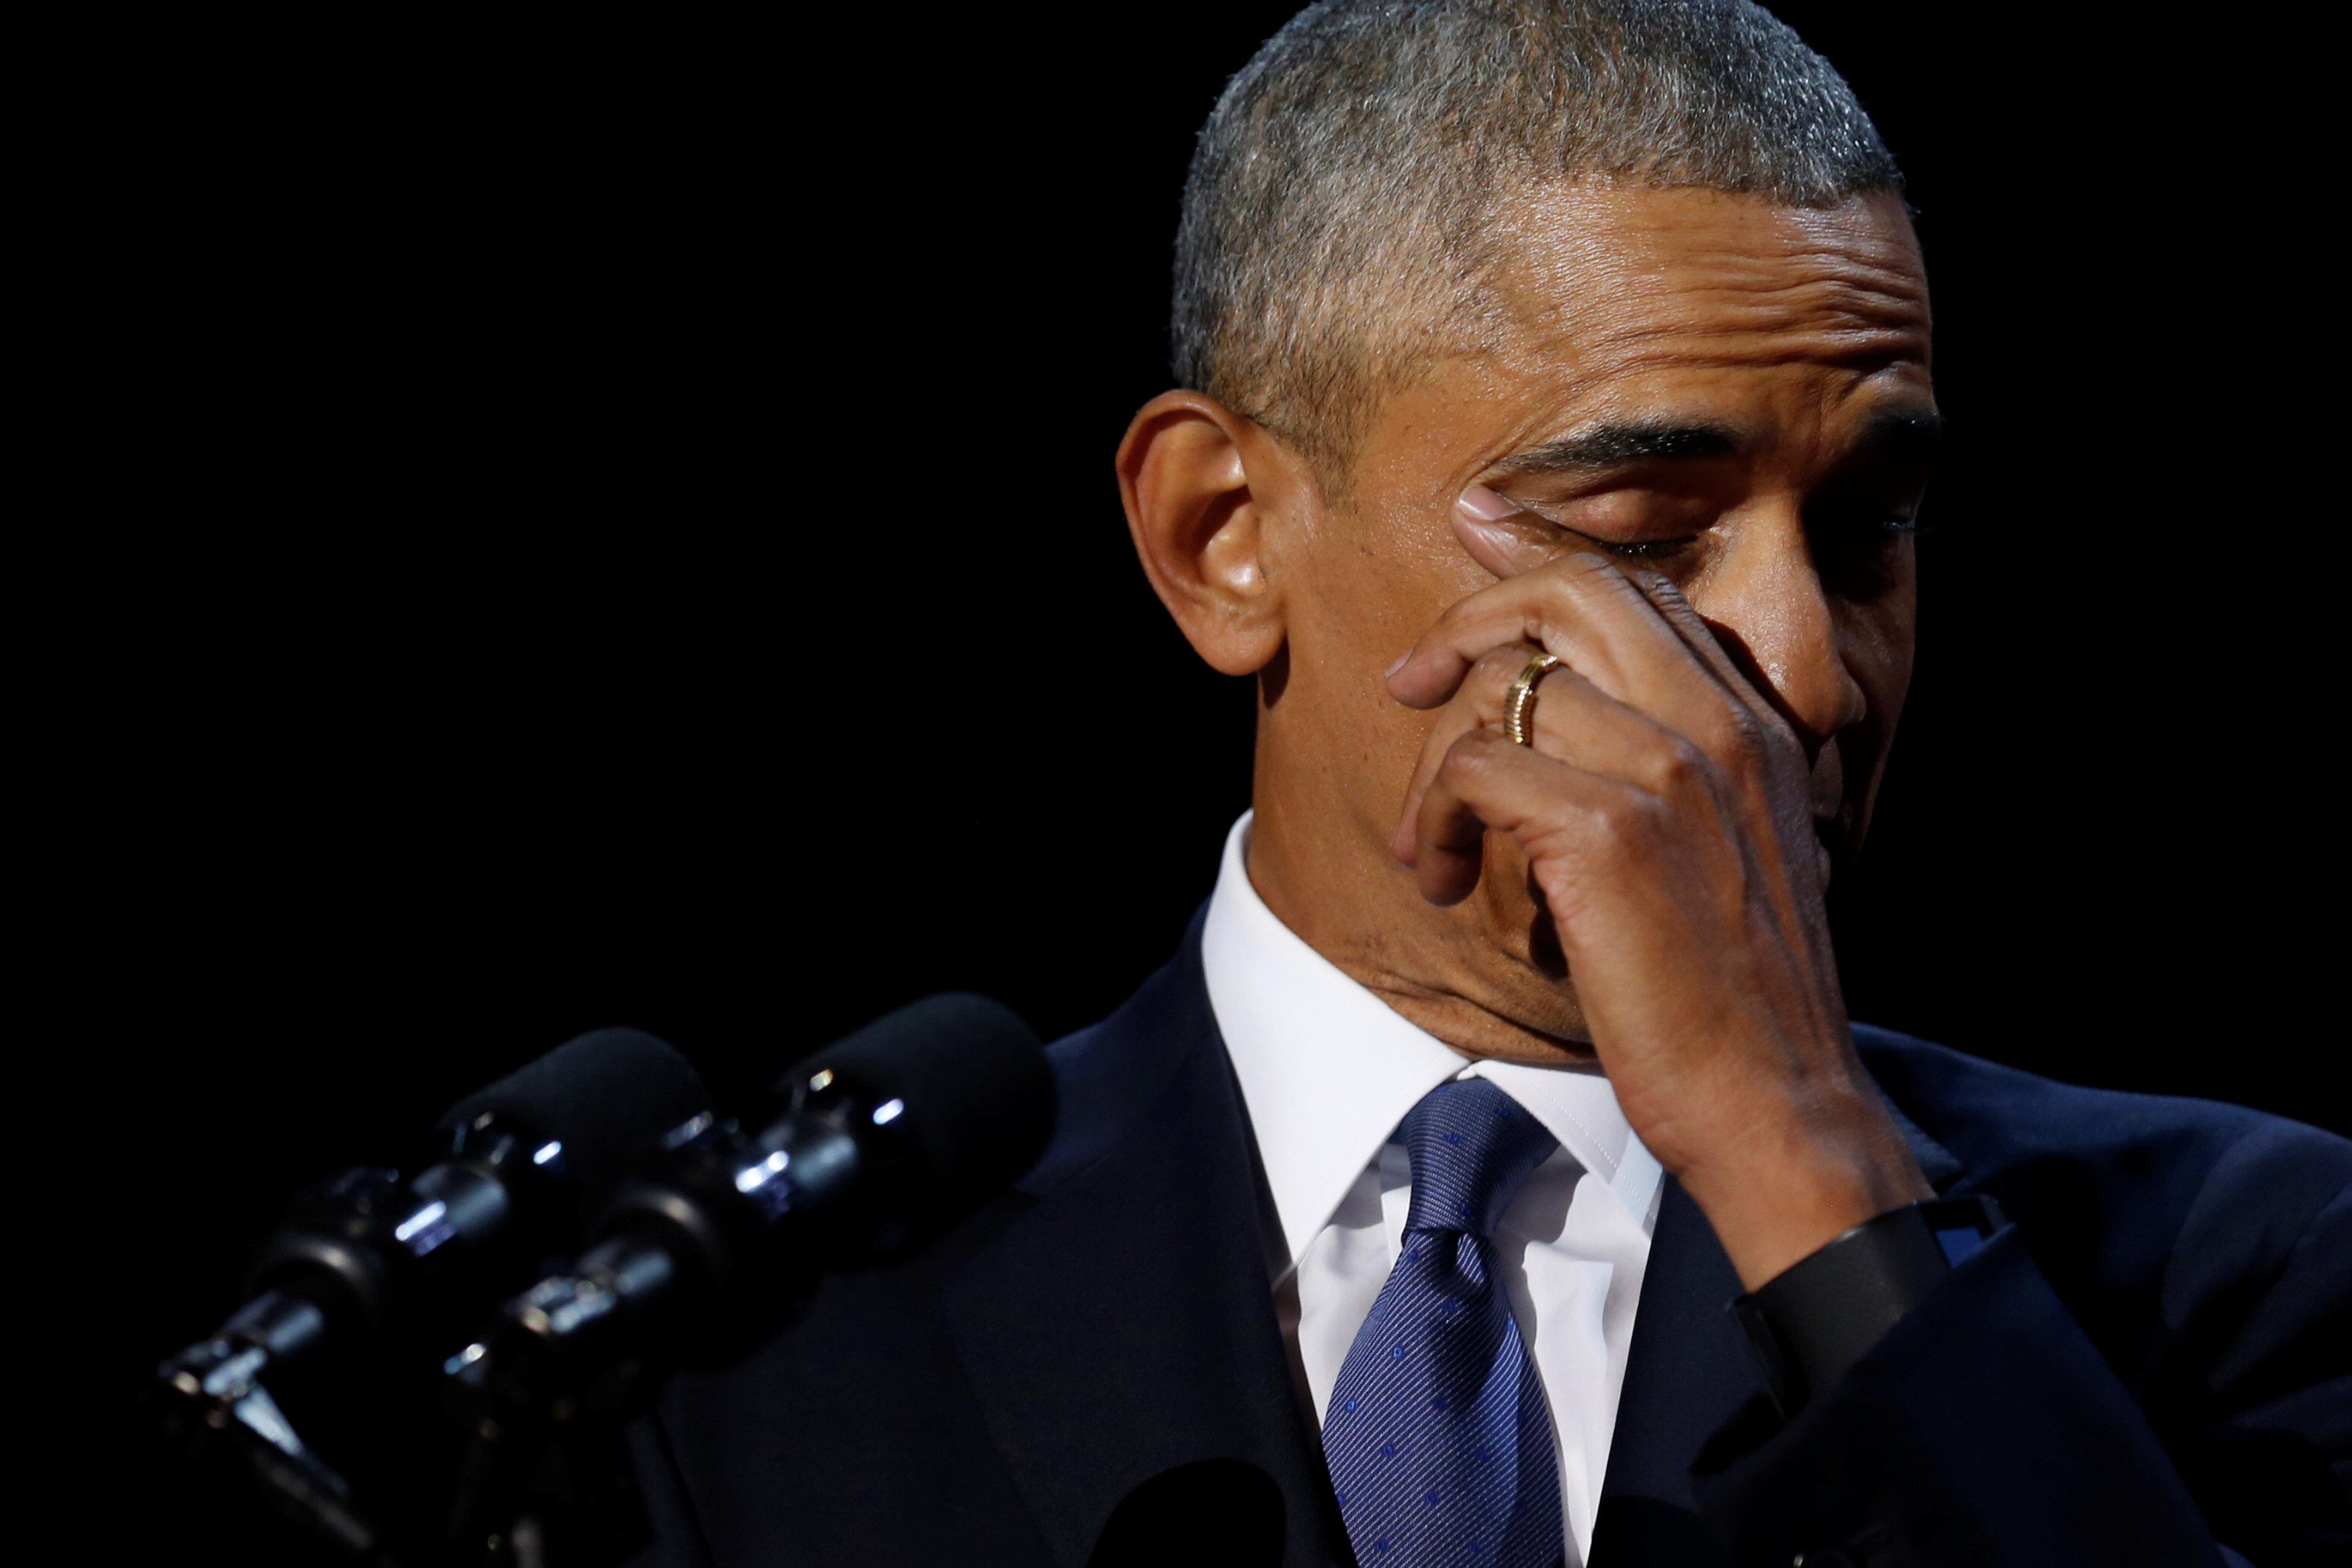 أوباما يودع رئاسة الولايات المتحدة الأمريكية